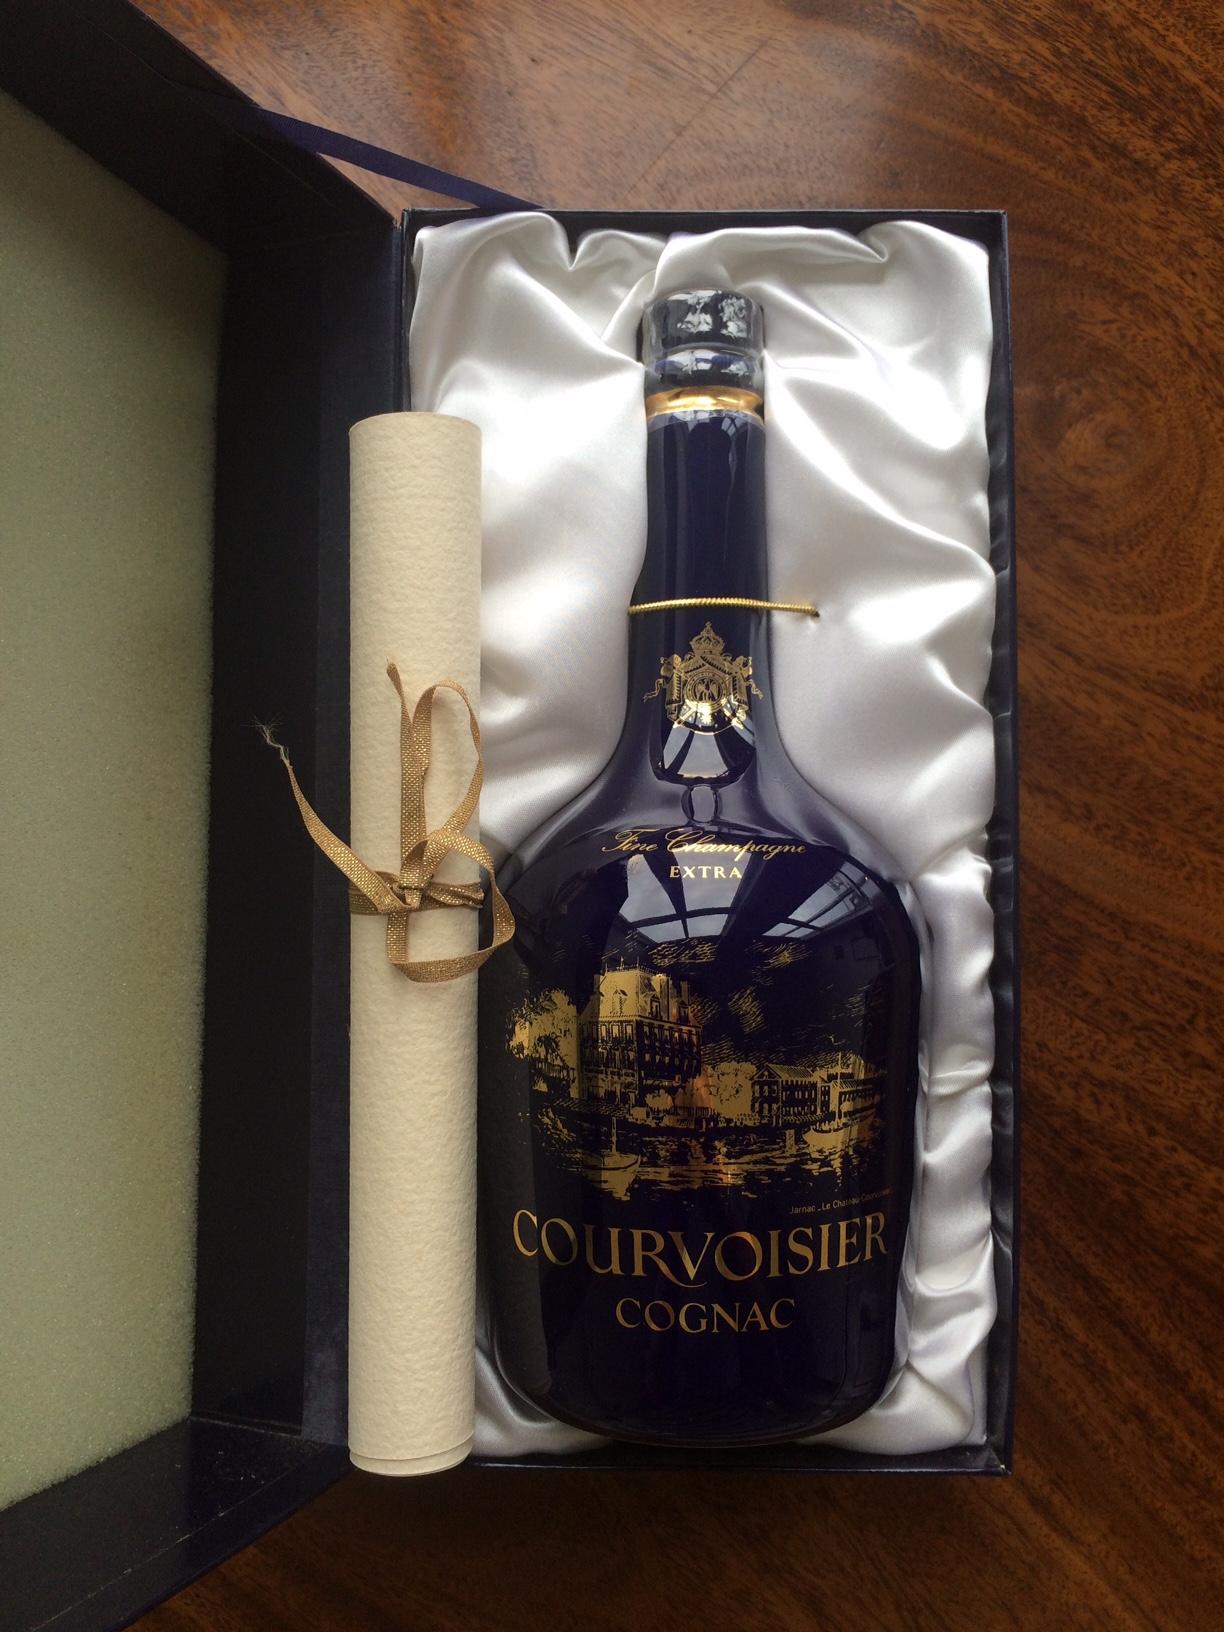 Chateau Limoges Extra Courvoisier Cognac